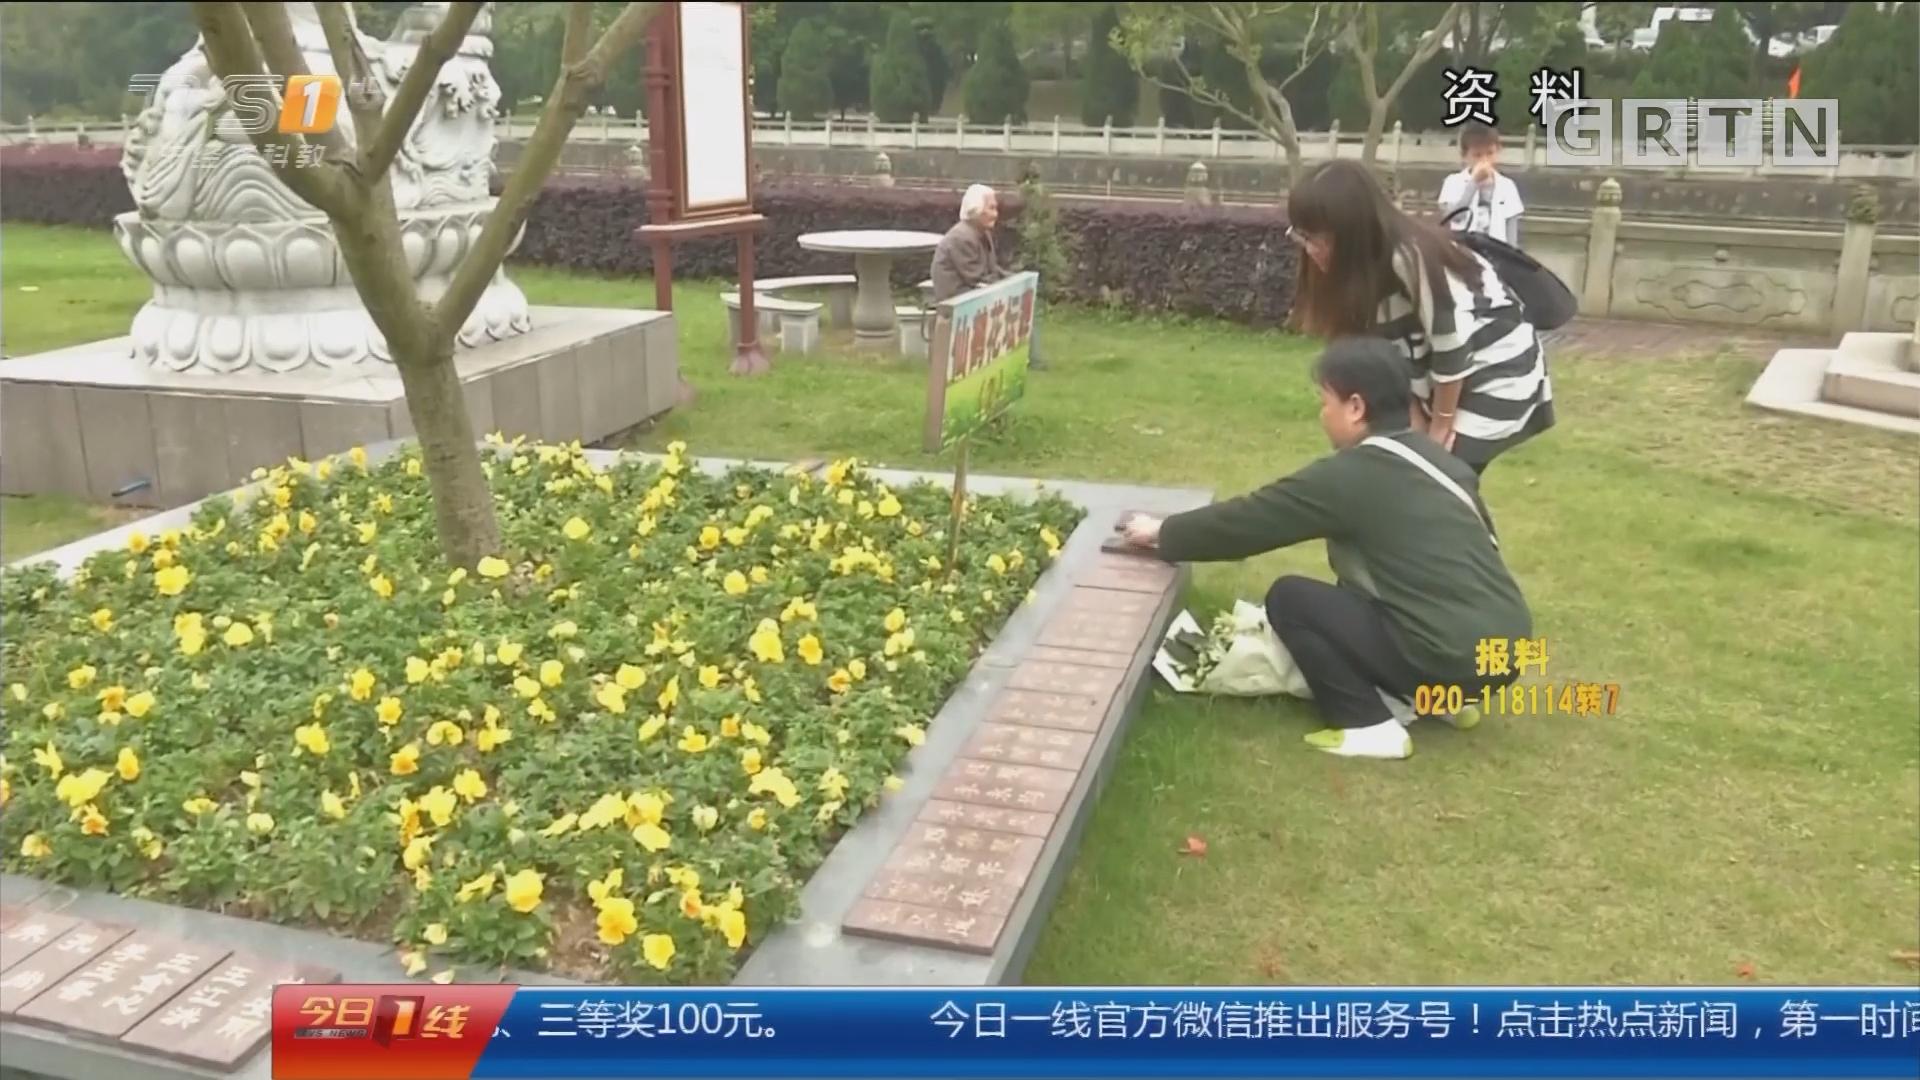 广州:清明高峰期 预计每天逾20万人次进园